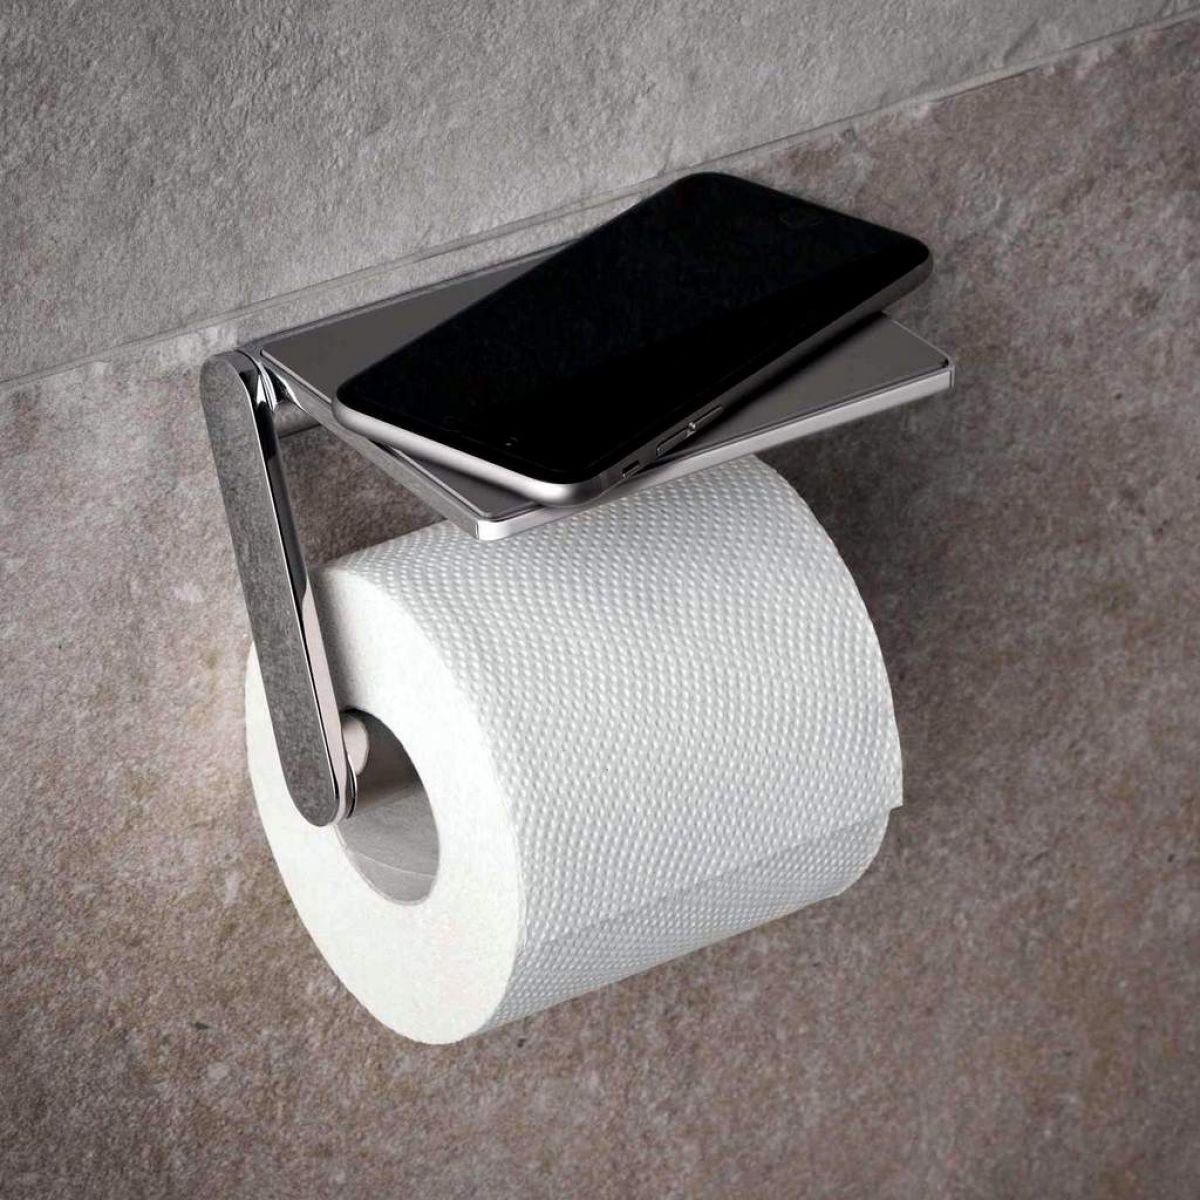 keuco plan toilet paper holder with shelf uk bathrooms. Black Bedroom Furniture Sets. Home Design Ideas